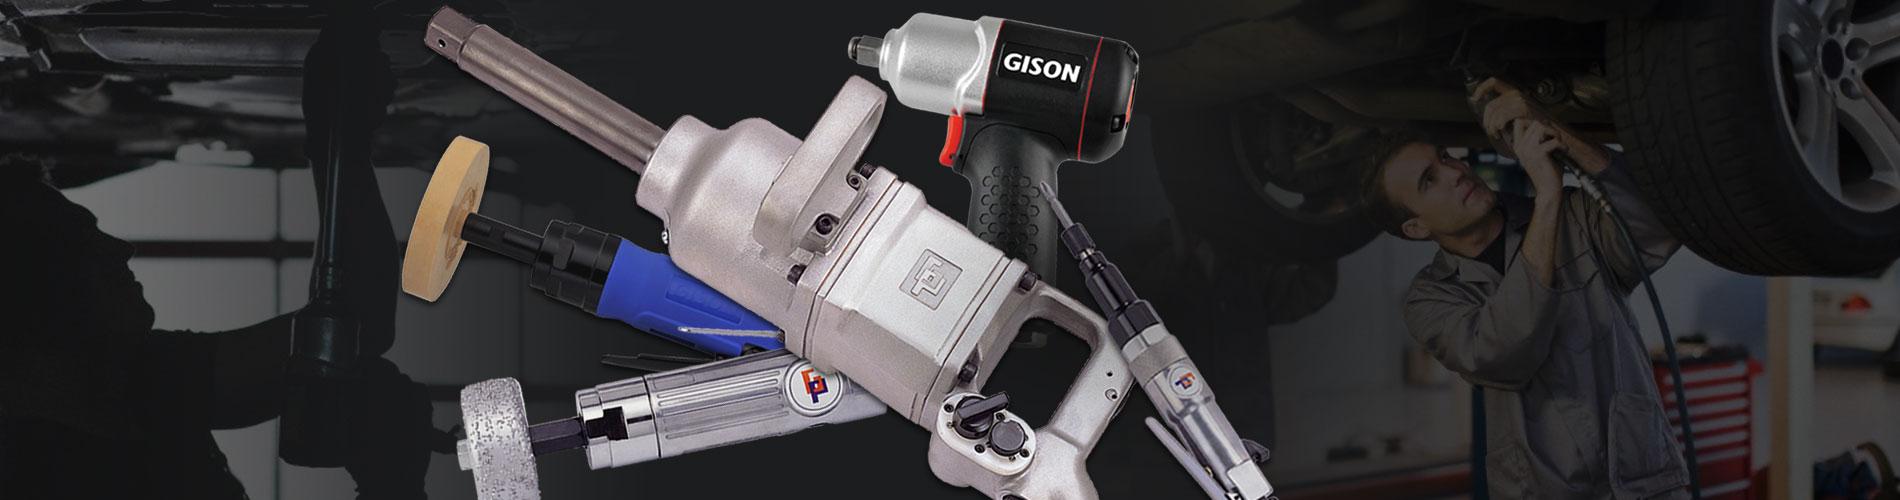 أدوات الهواء ل ربط / إصلاح السيارات